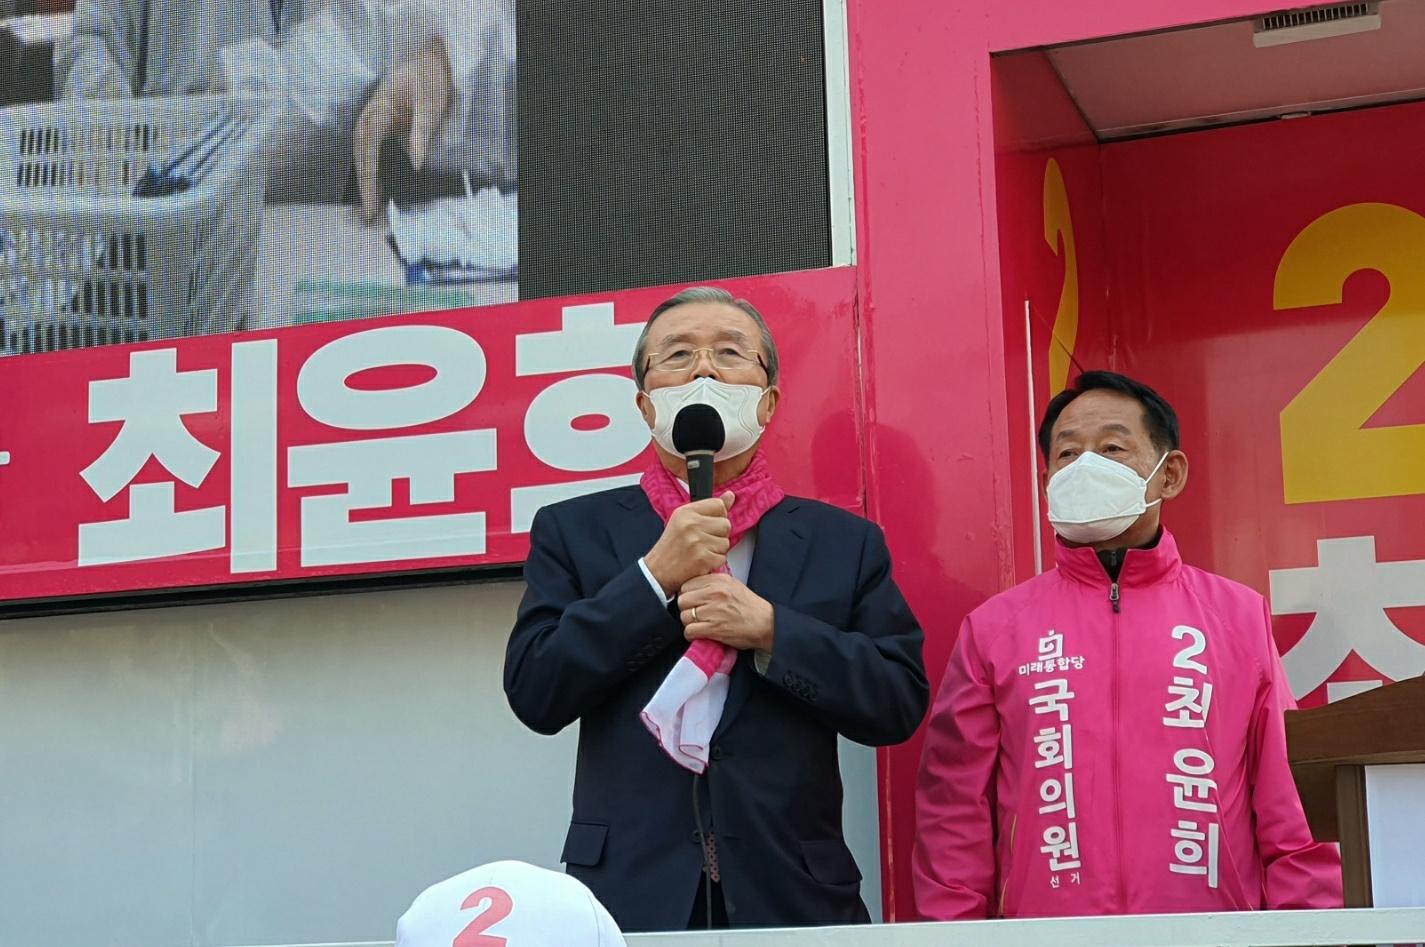 4월 2일 김종인 미래통합당 총괄선대위원장이 최윤희 미래통합당 21대 총선 오산시 후보자를 격려하고 있다. 중앙포토